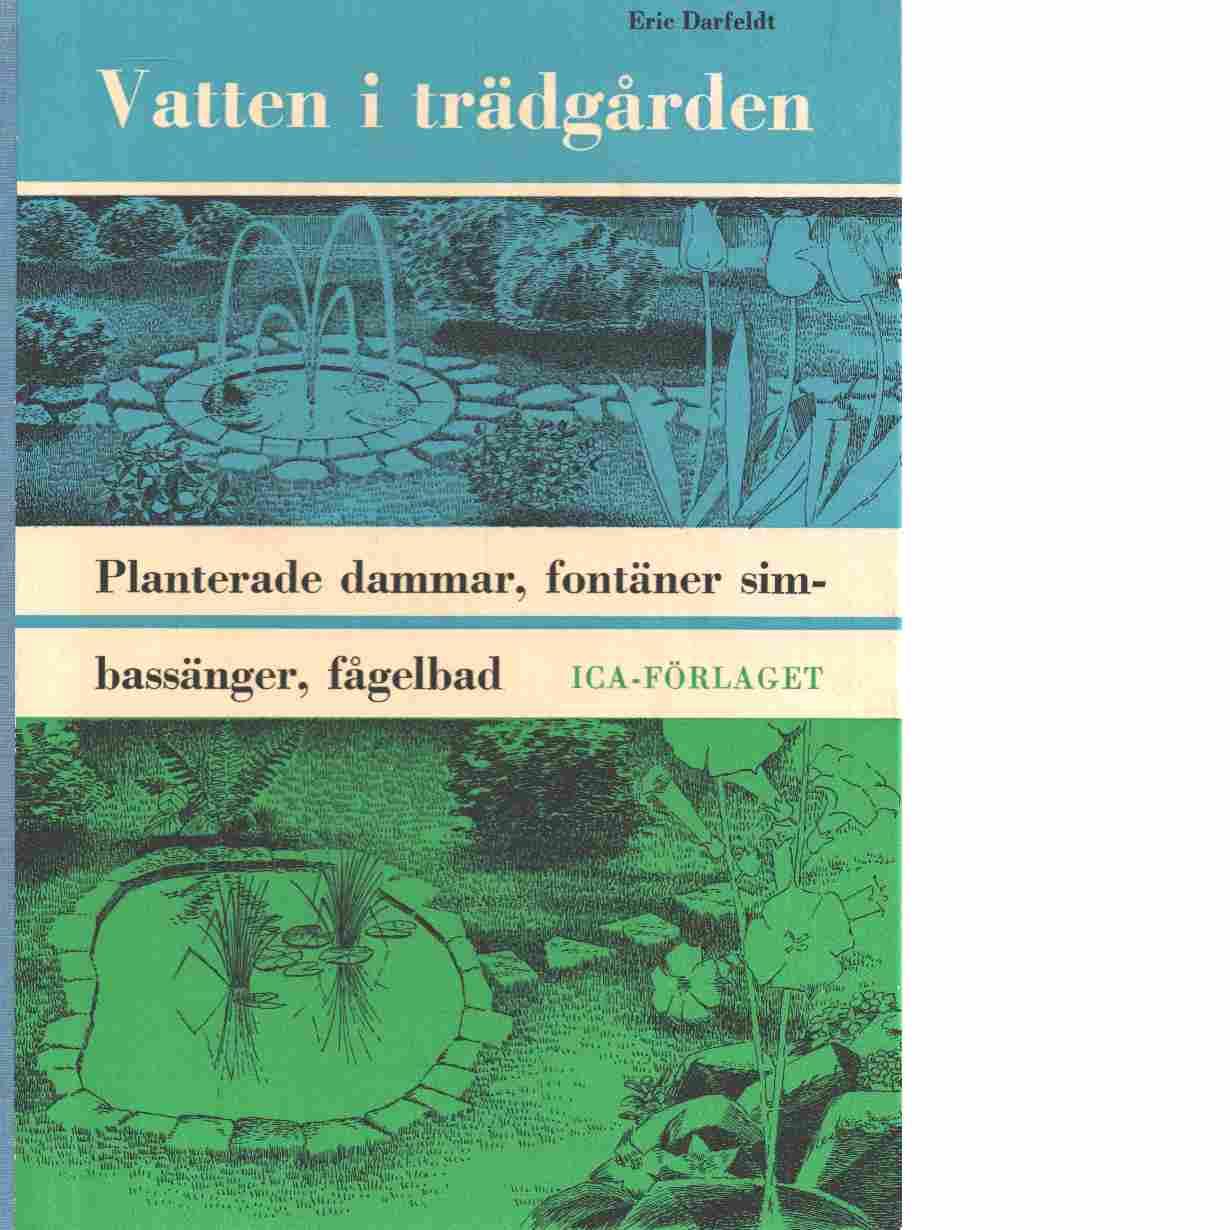 Vatten i trädgården : planterade dammar, fontäner, simbassänger, fågelbad och plaskdammar - Darfeldt, Eric